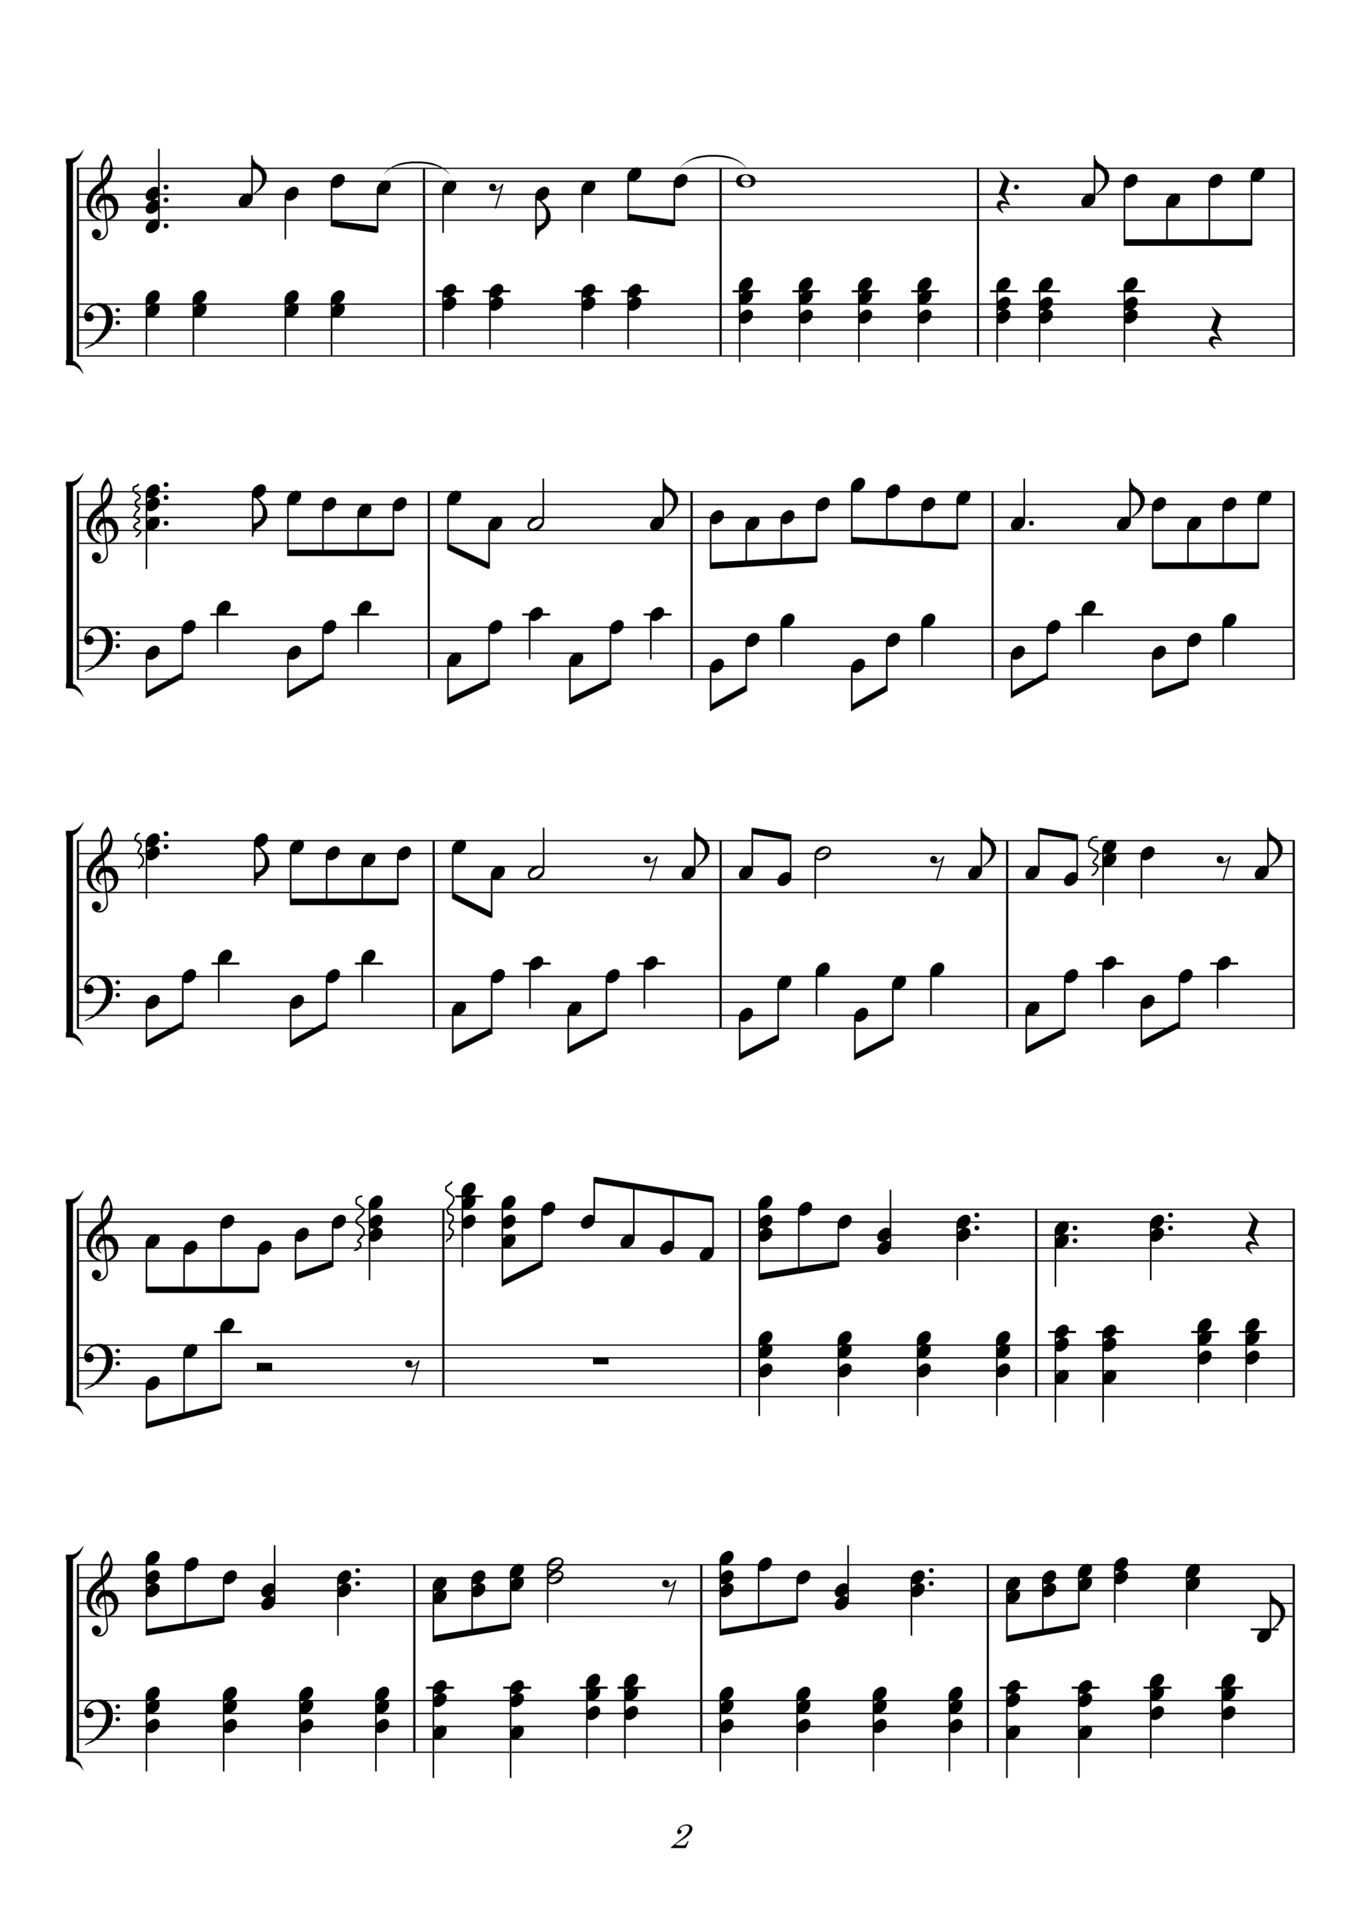 カントリー ロード 楽譜 無料